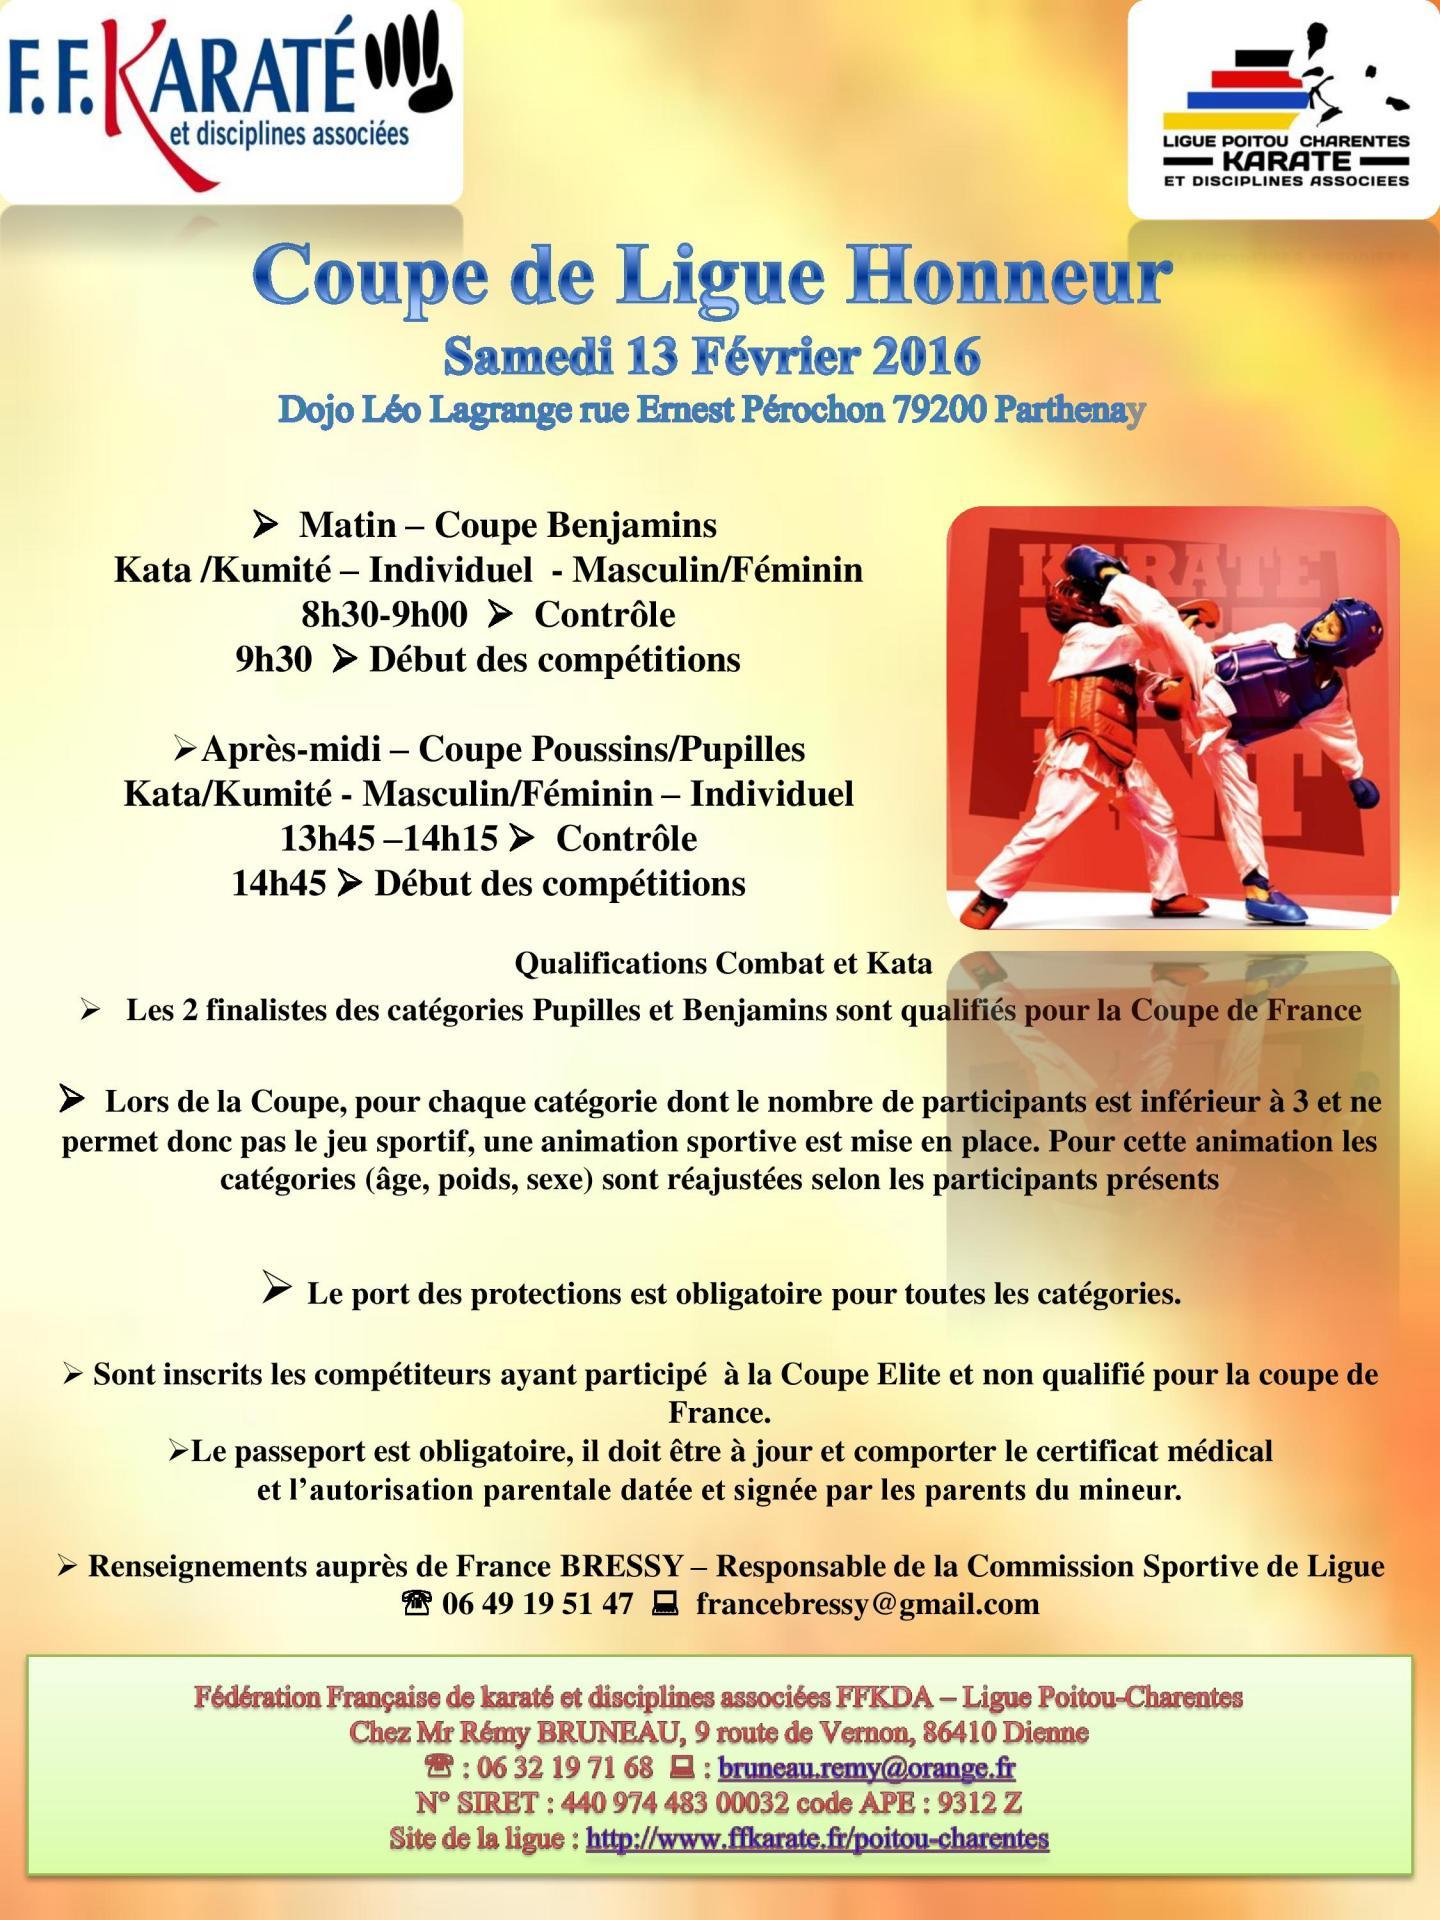 Coupe de ligue honneur page 001